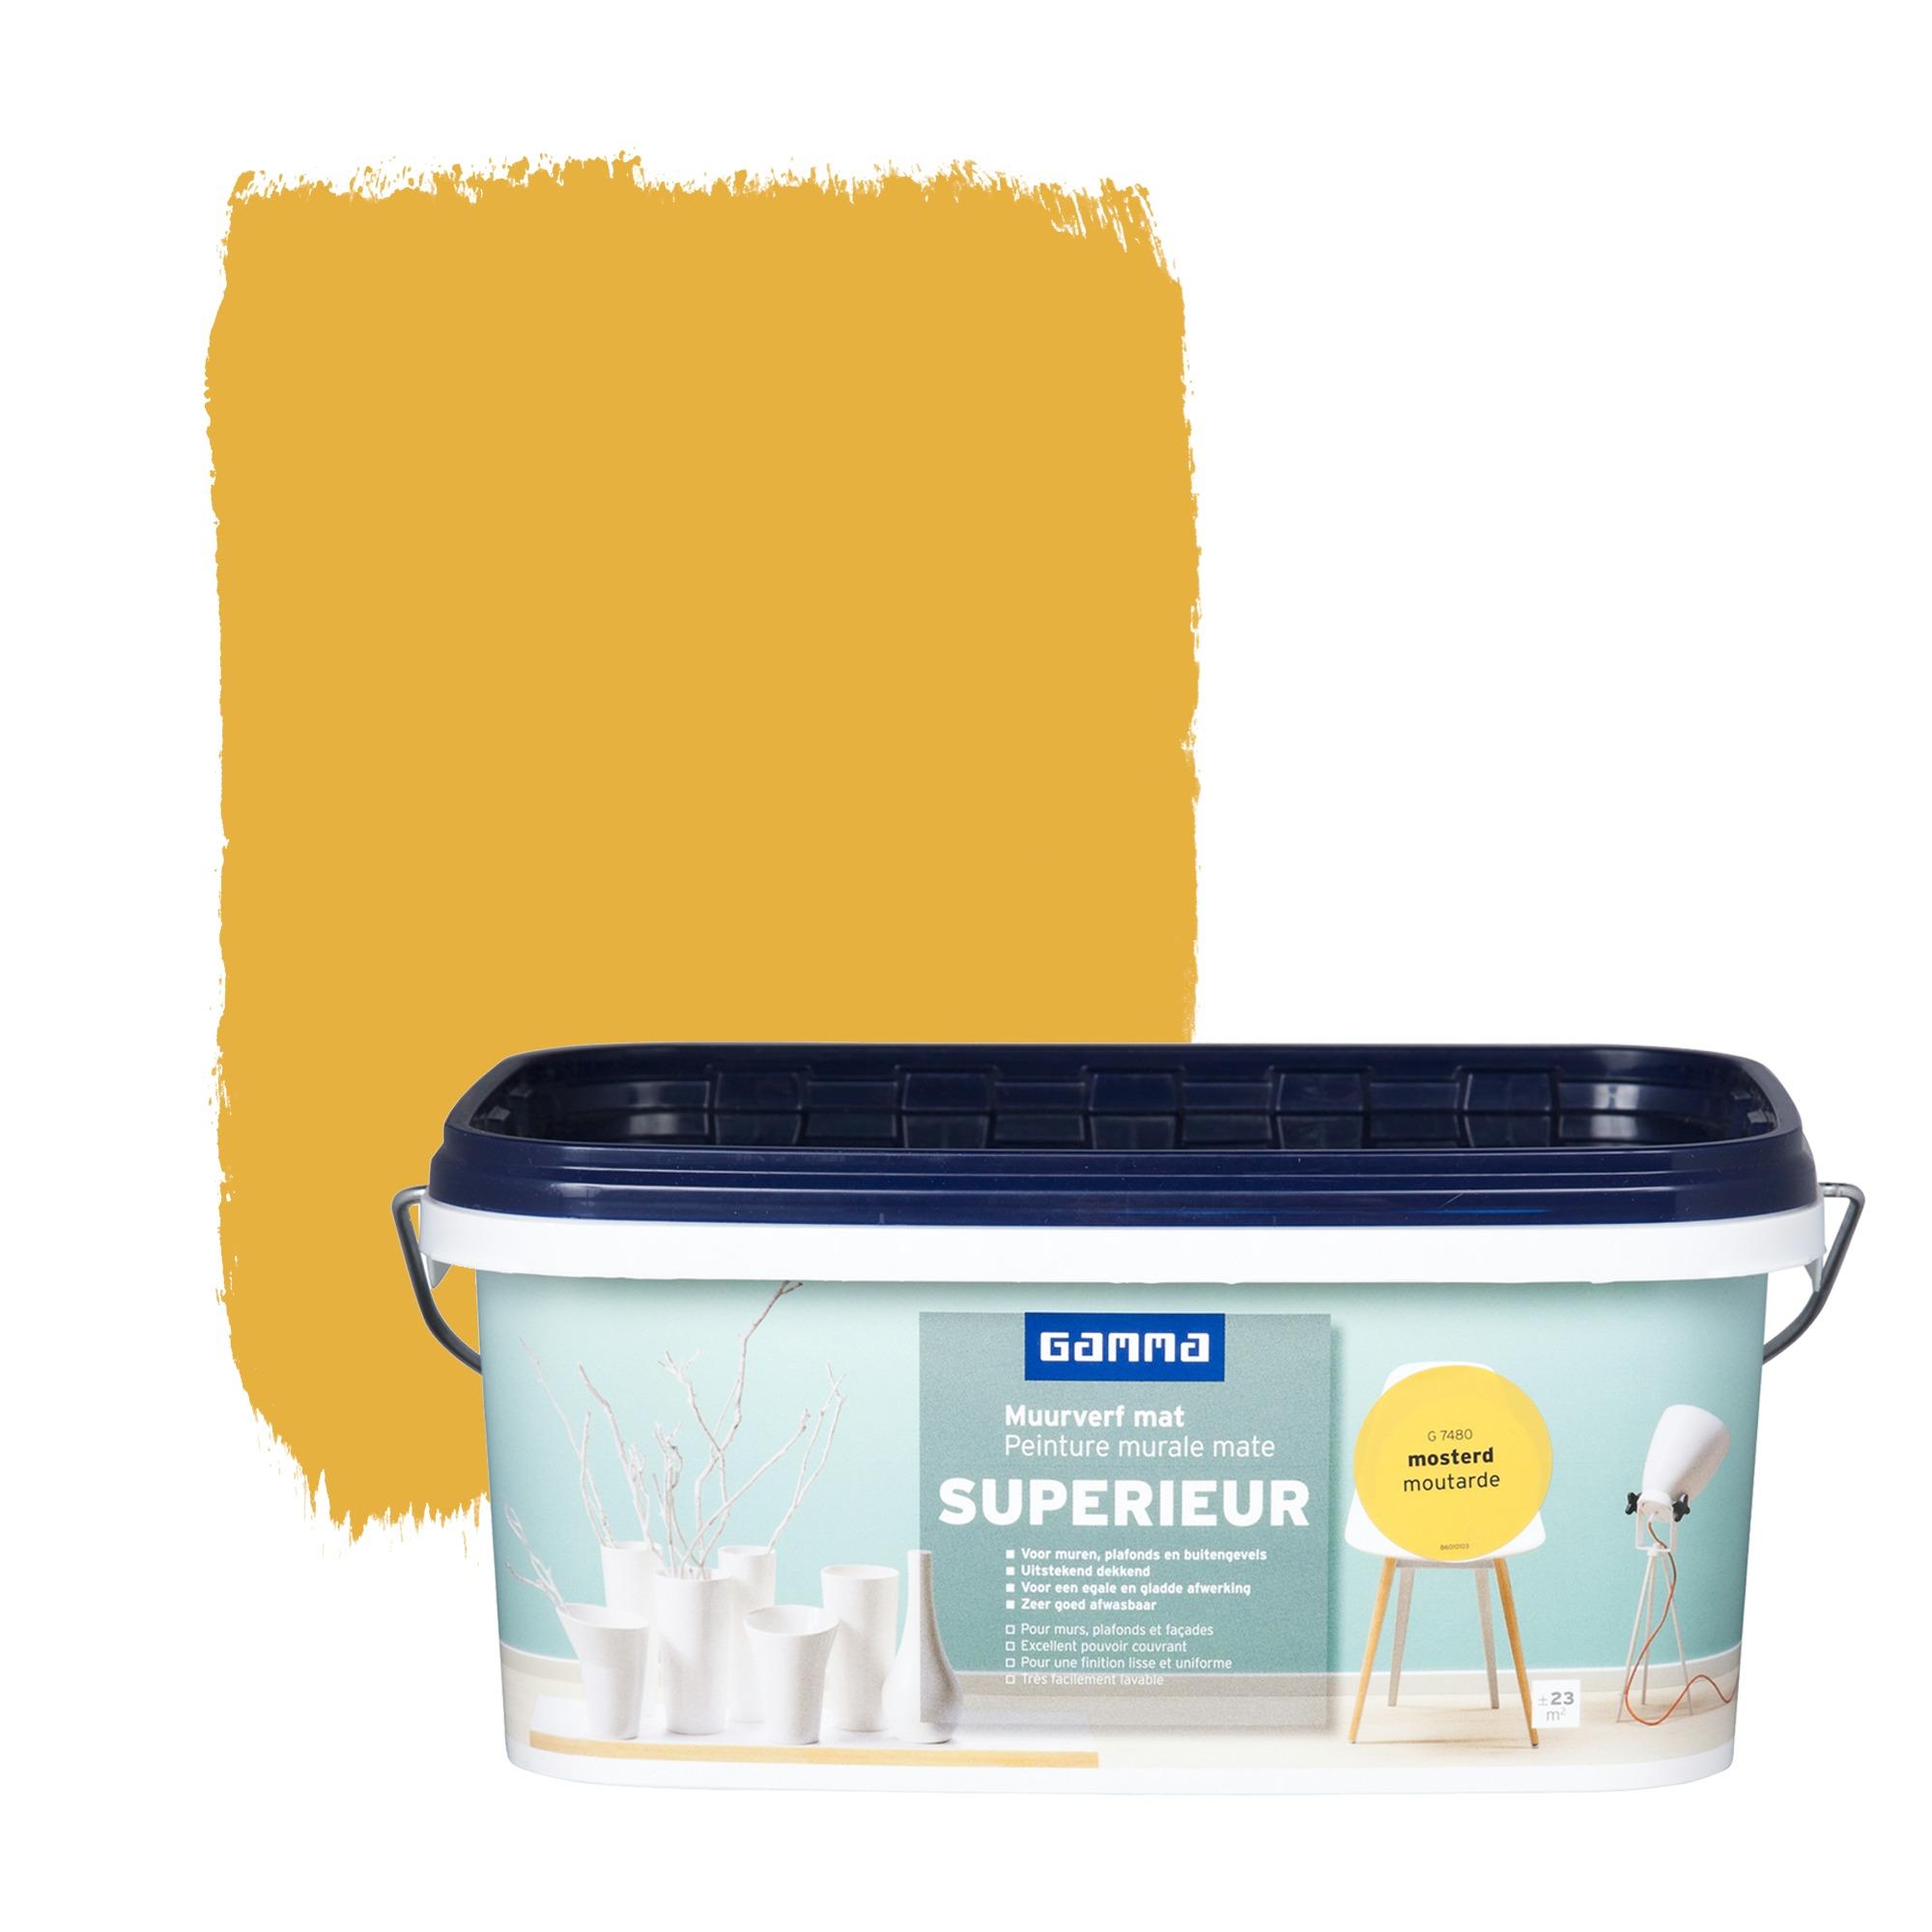 Peinture murale gamma superieur mat moutarde 2 5 l - Peinture moutarde ...